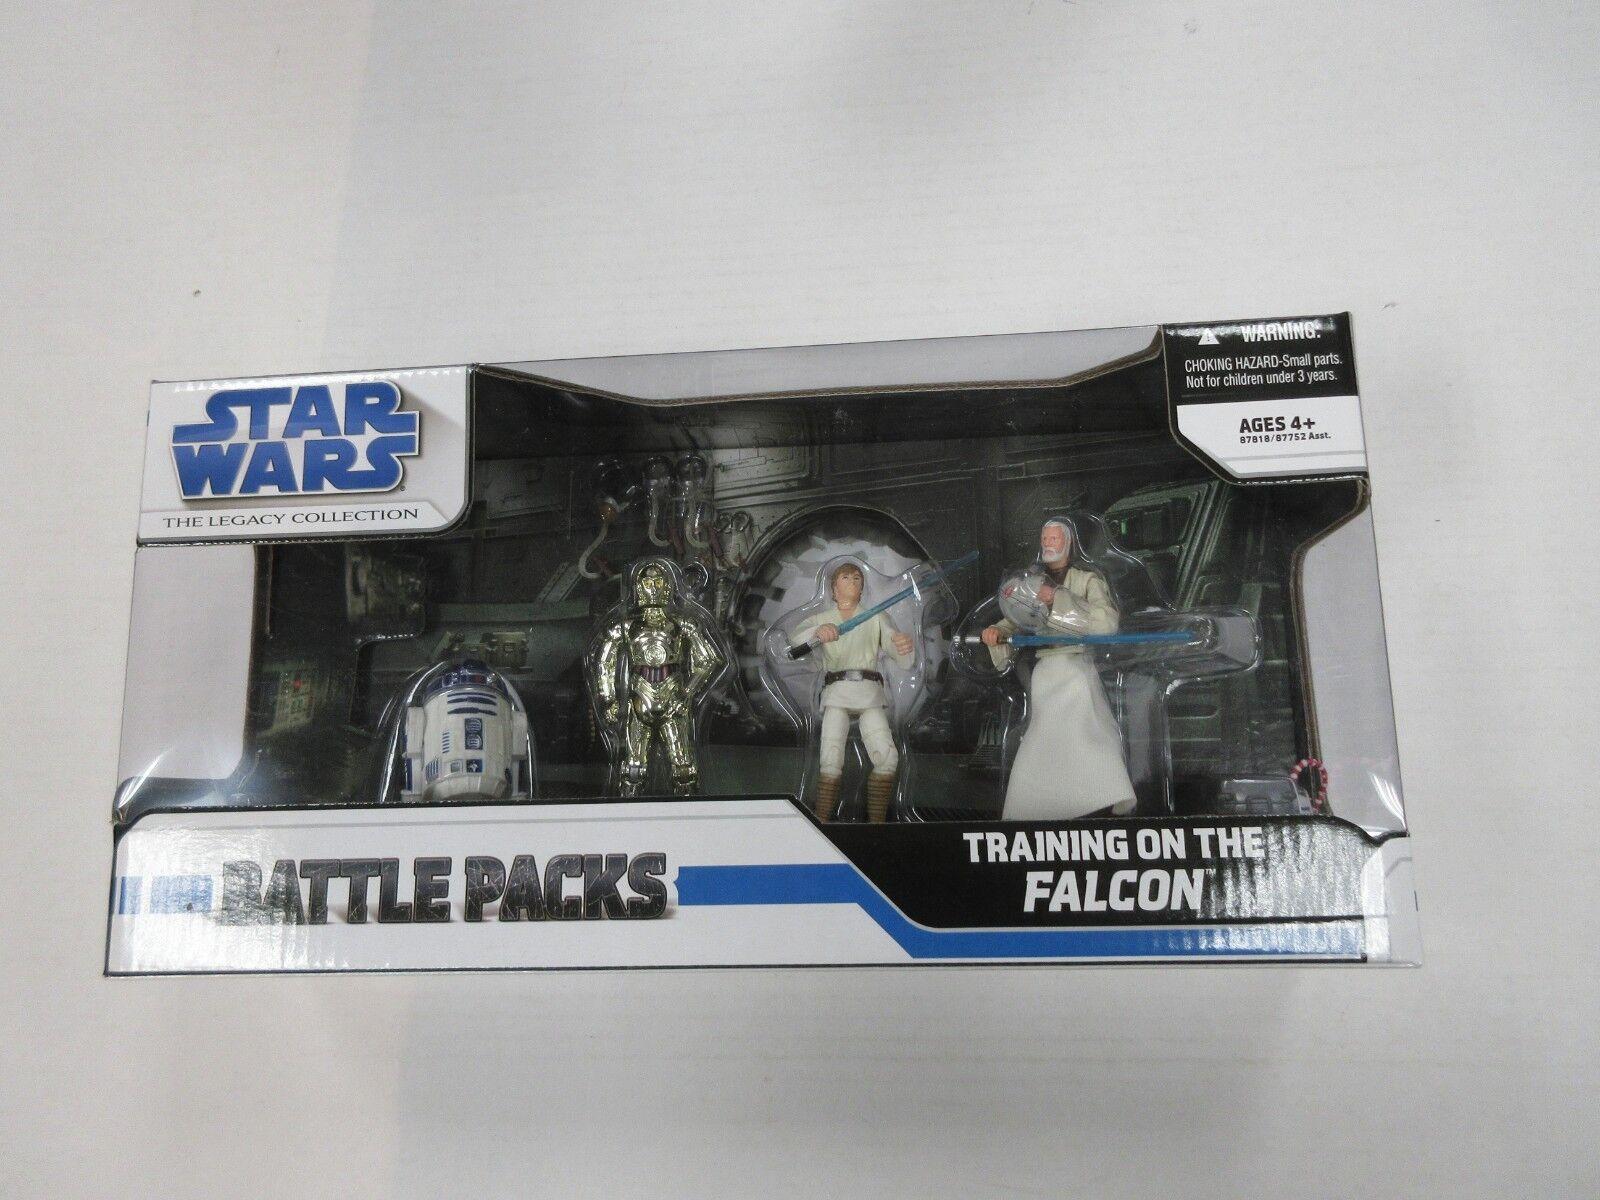 HASBRO Star Wars capacitación sobre la Falcon 4 Figura Set Nuevo en Paquete Sellado